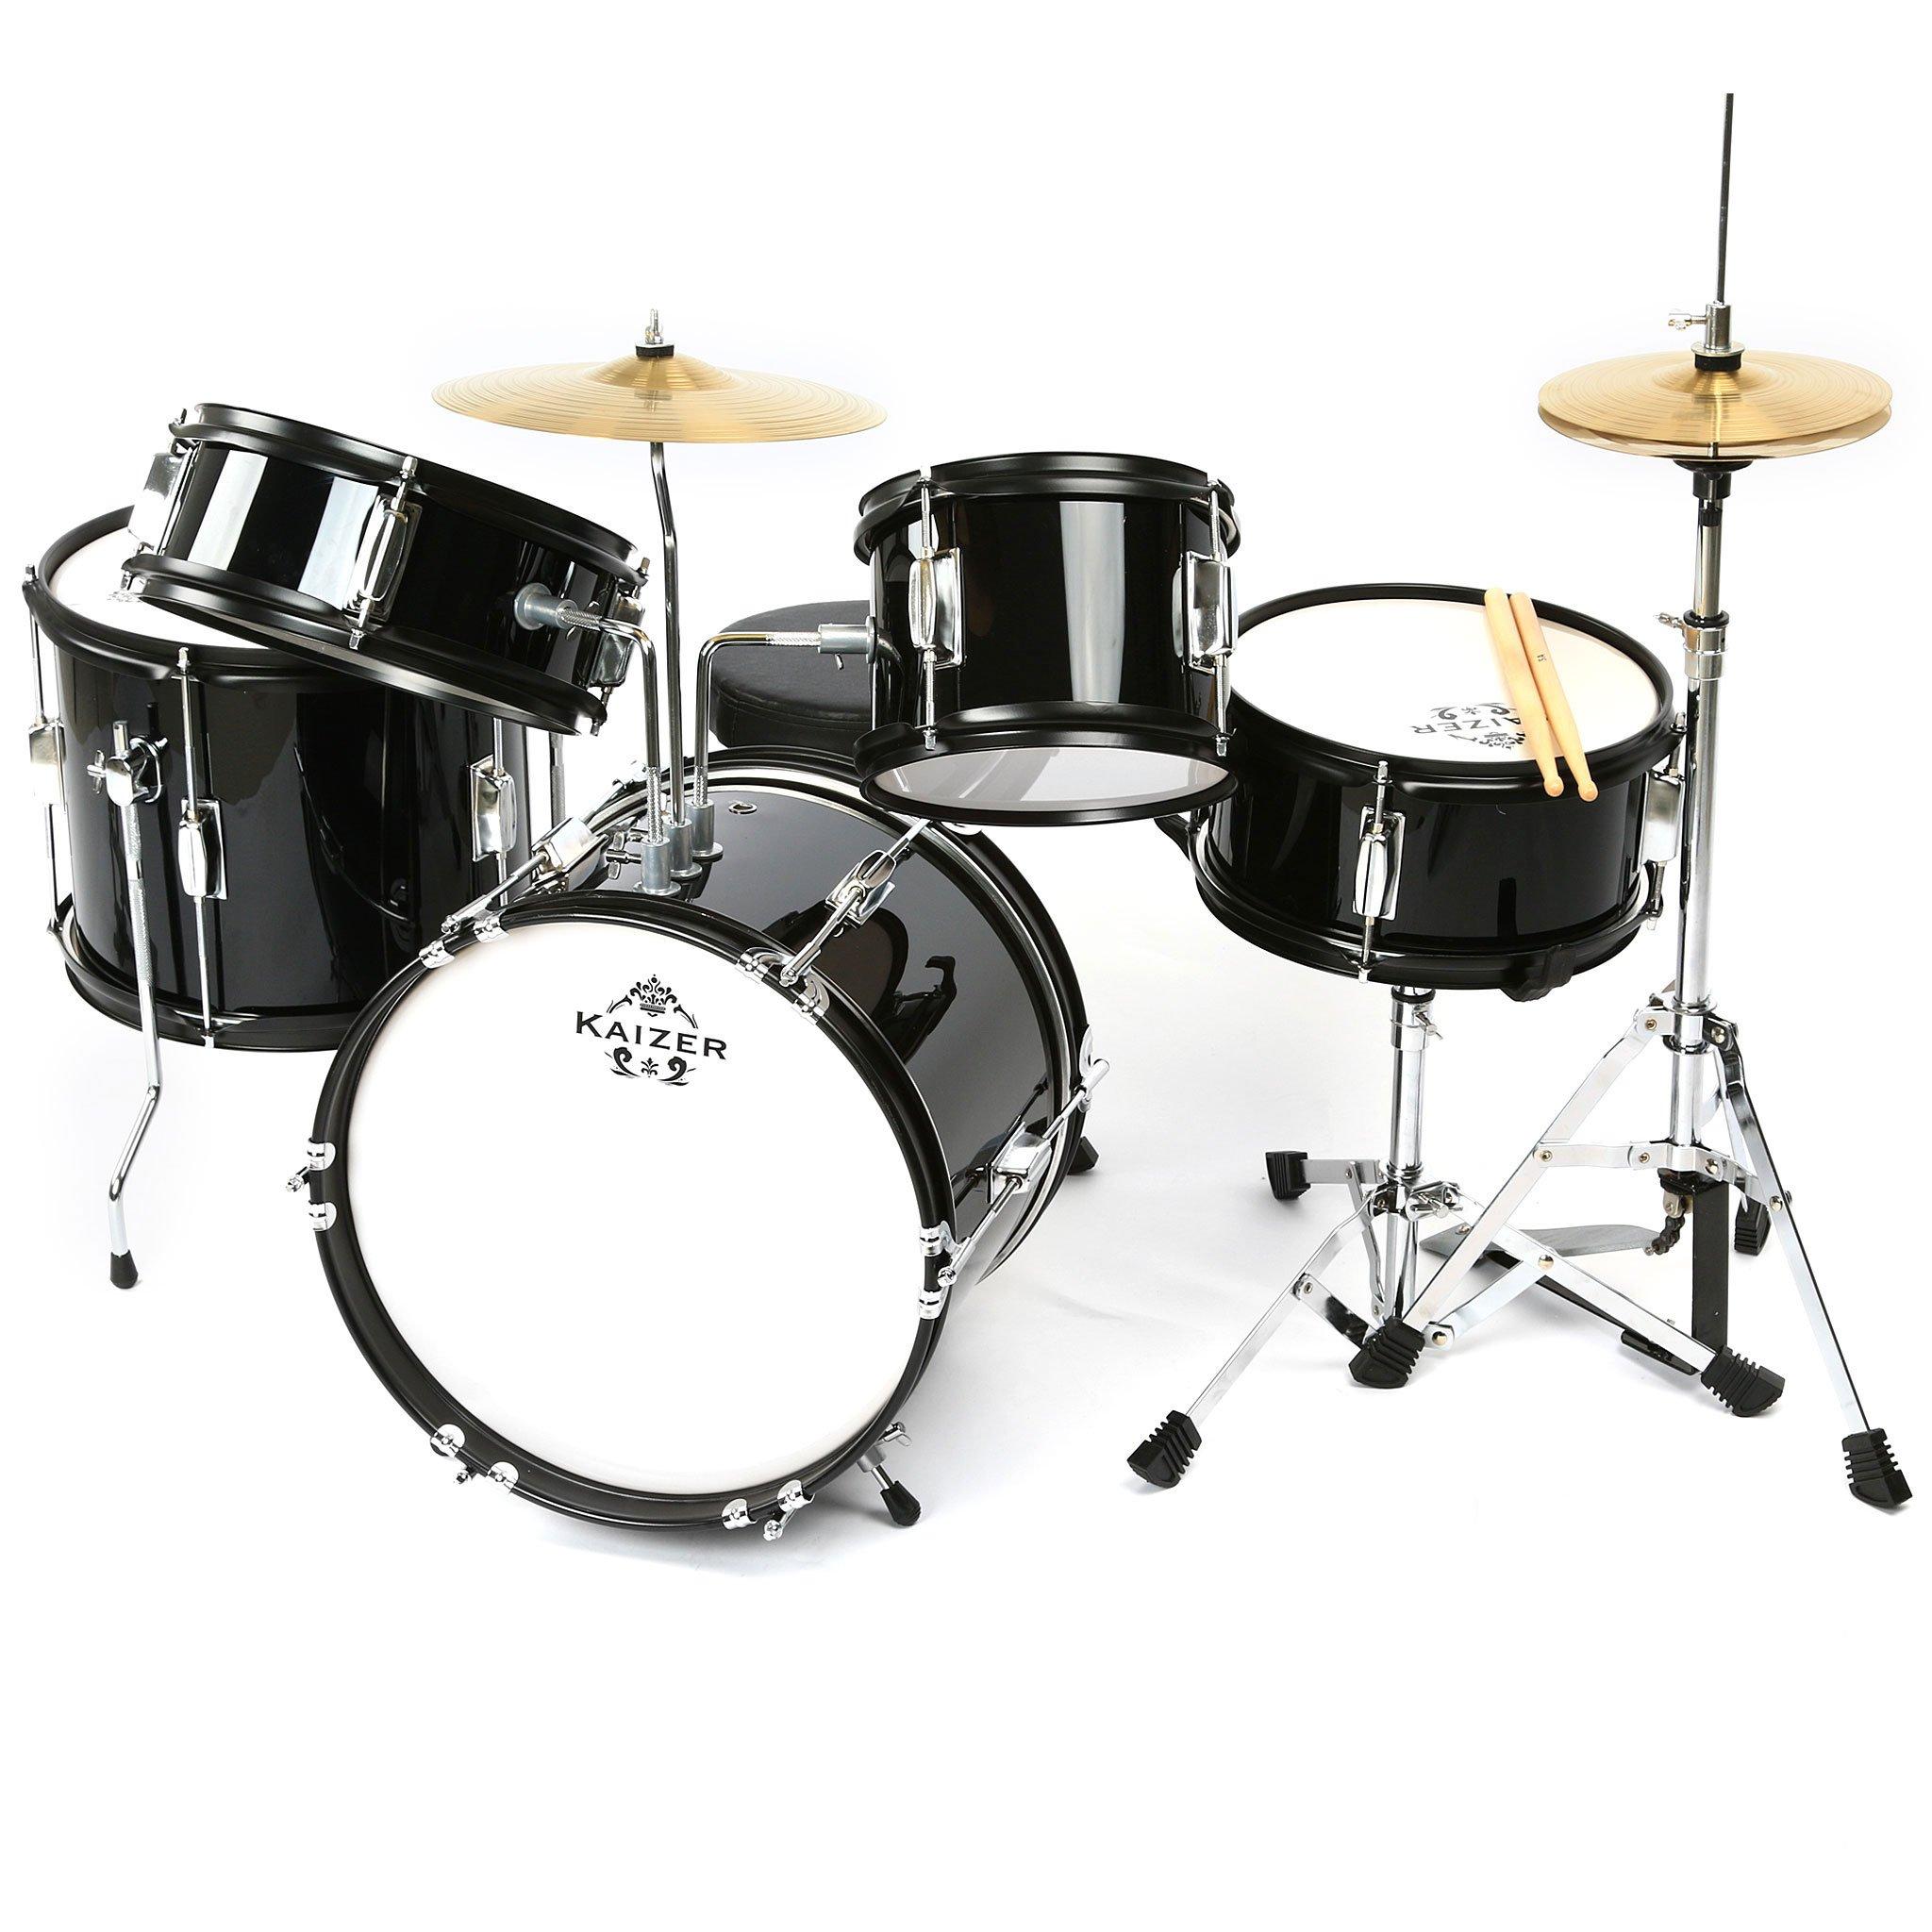 Kaizer Junior Kids Drum Set 5 pc Black Metallic JDRMS5-1000BK